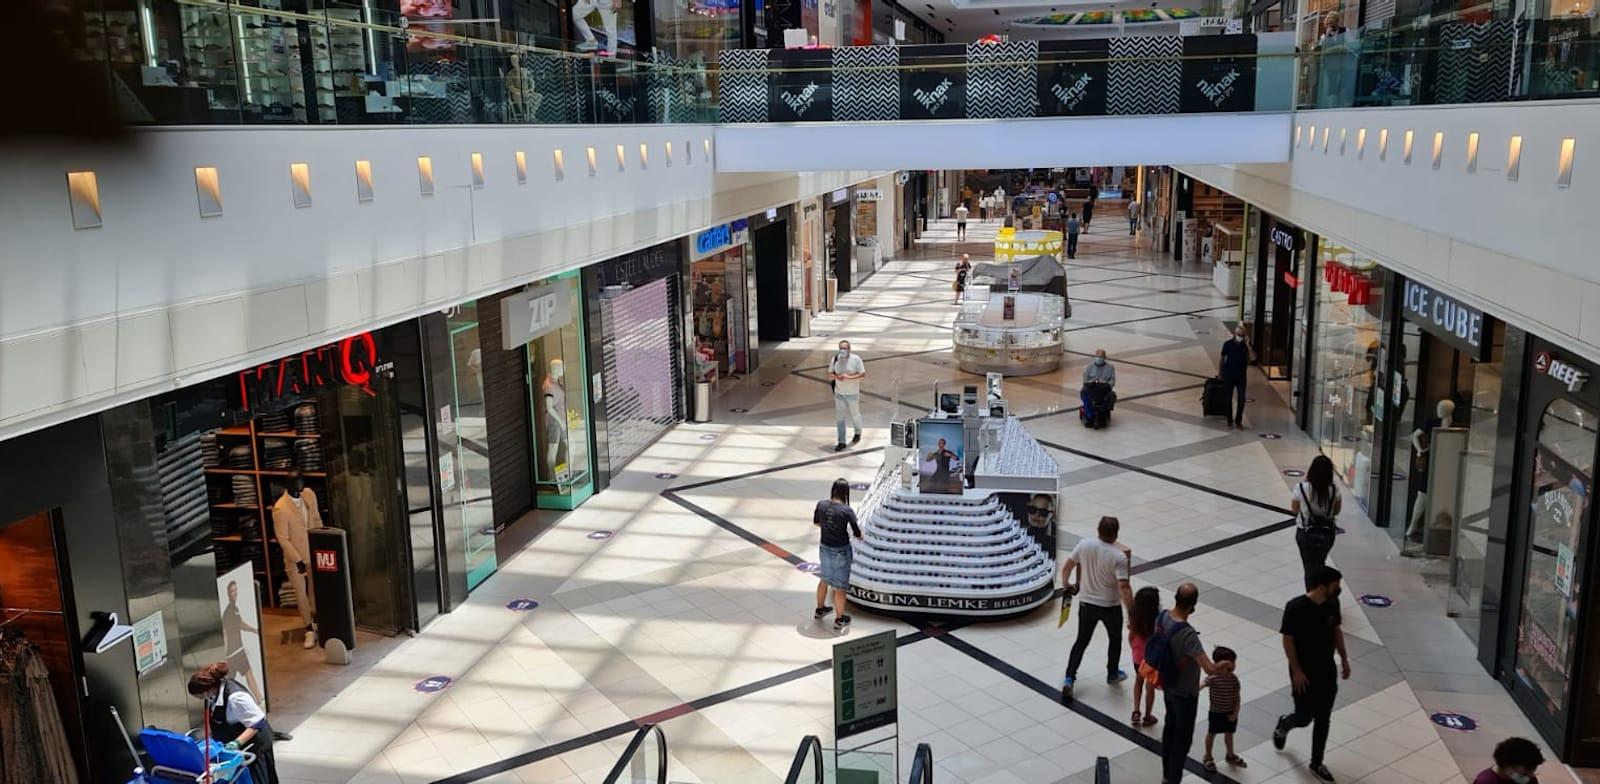 חנויות סגורות בקניון איילון / צילום: בר - אל